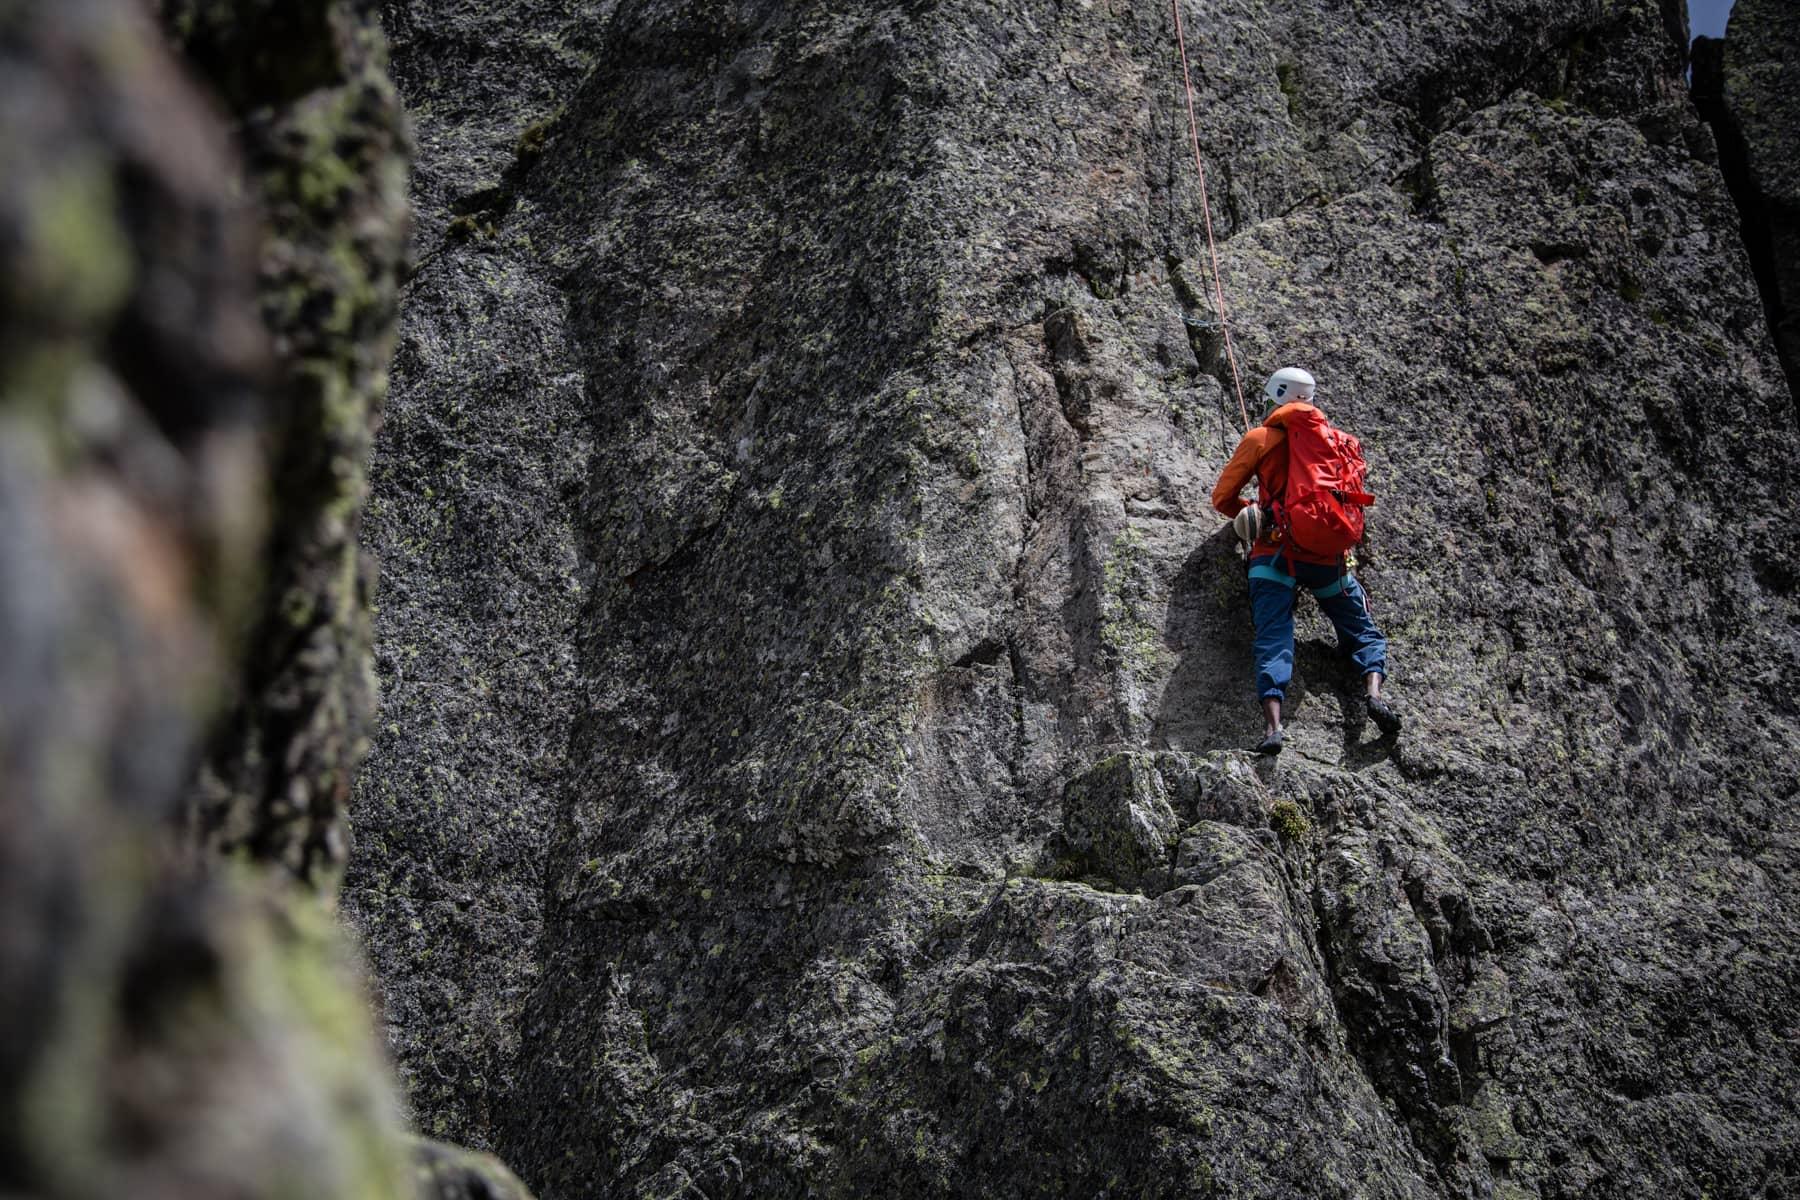 Klättring på bergvägg